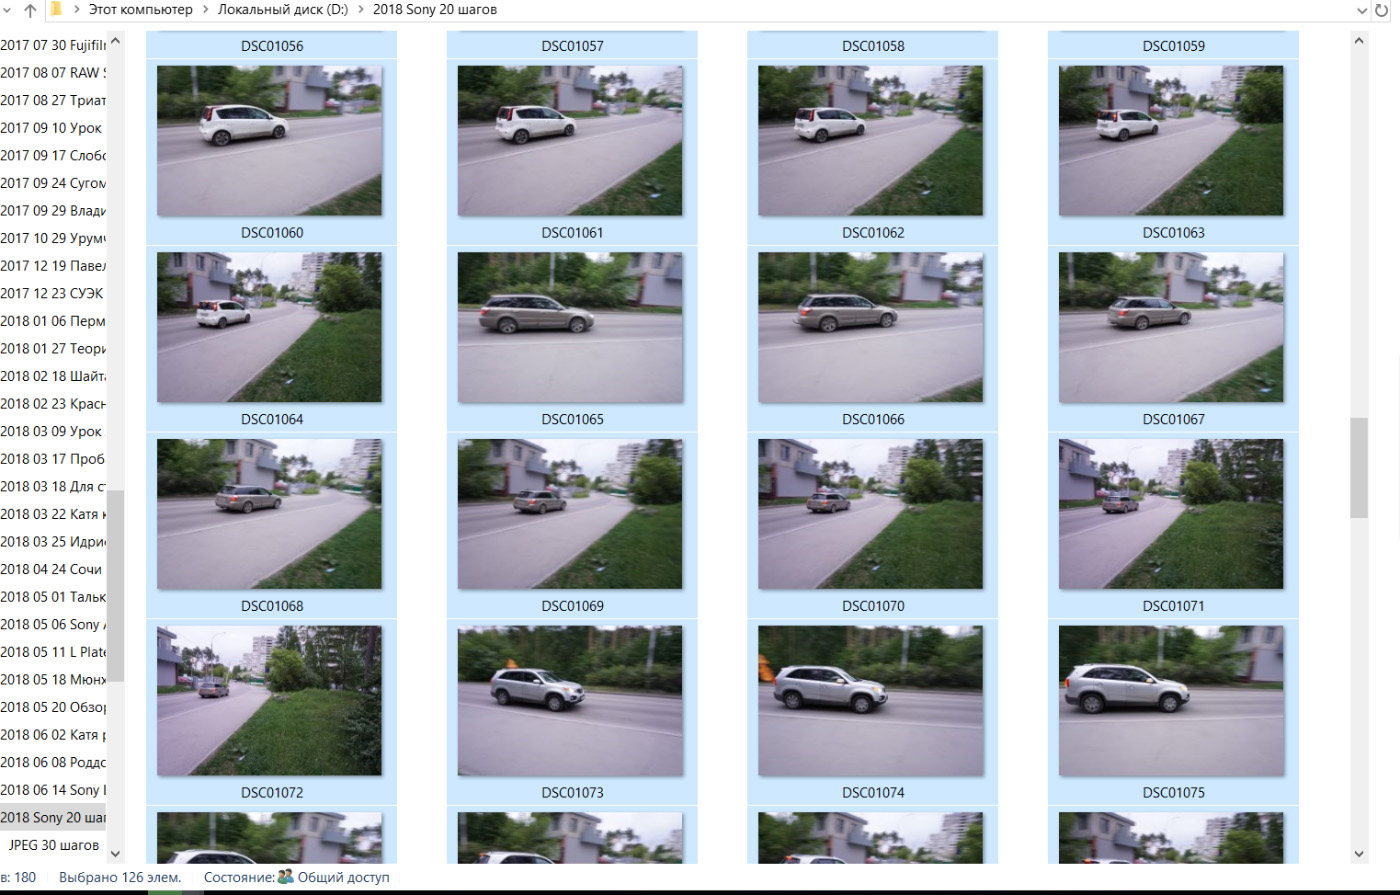 Фото 35. Для того, чтобы получить качественный кадр при съемке с проводкой, придется сделать много попыток.